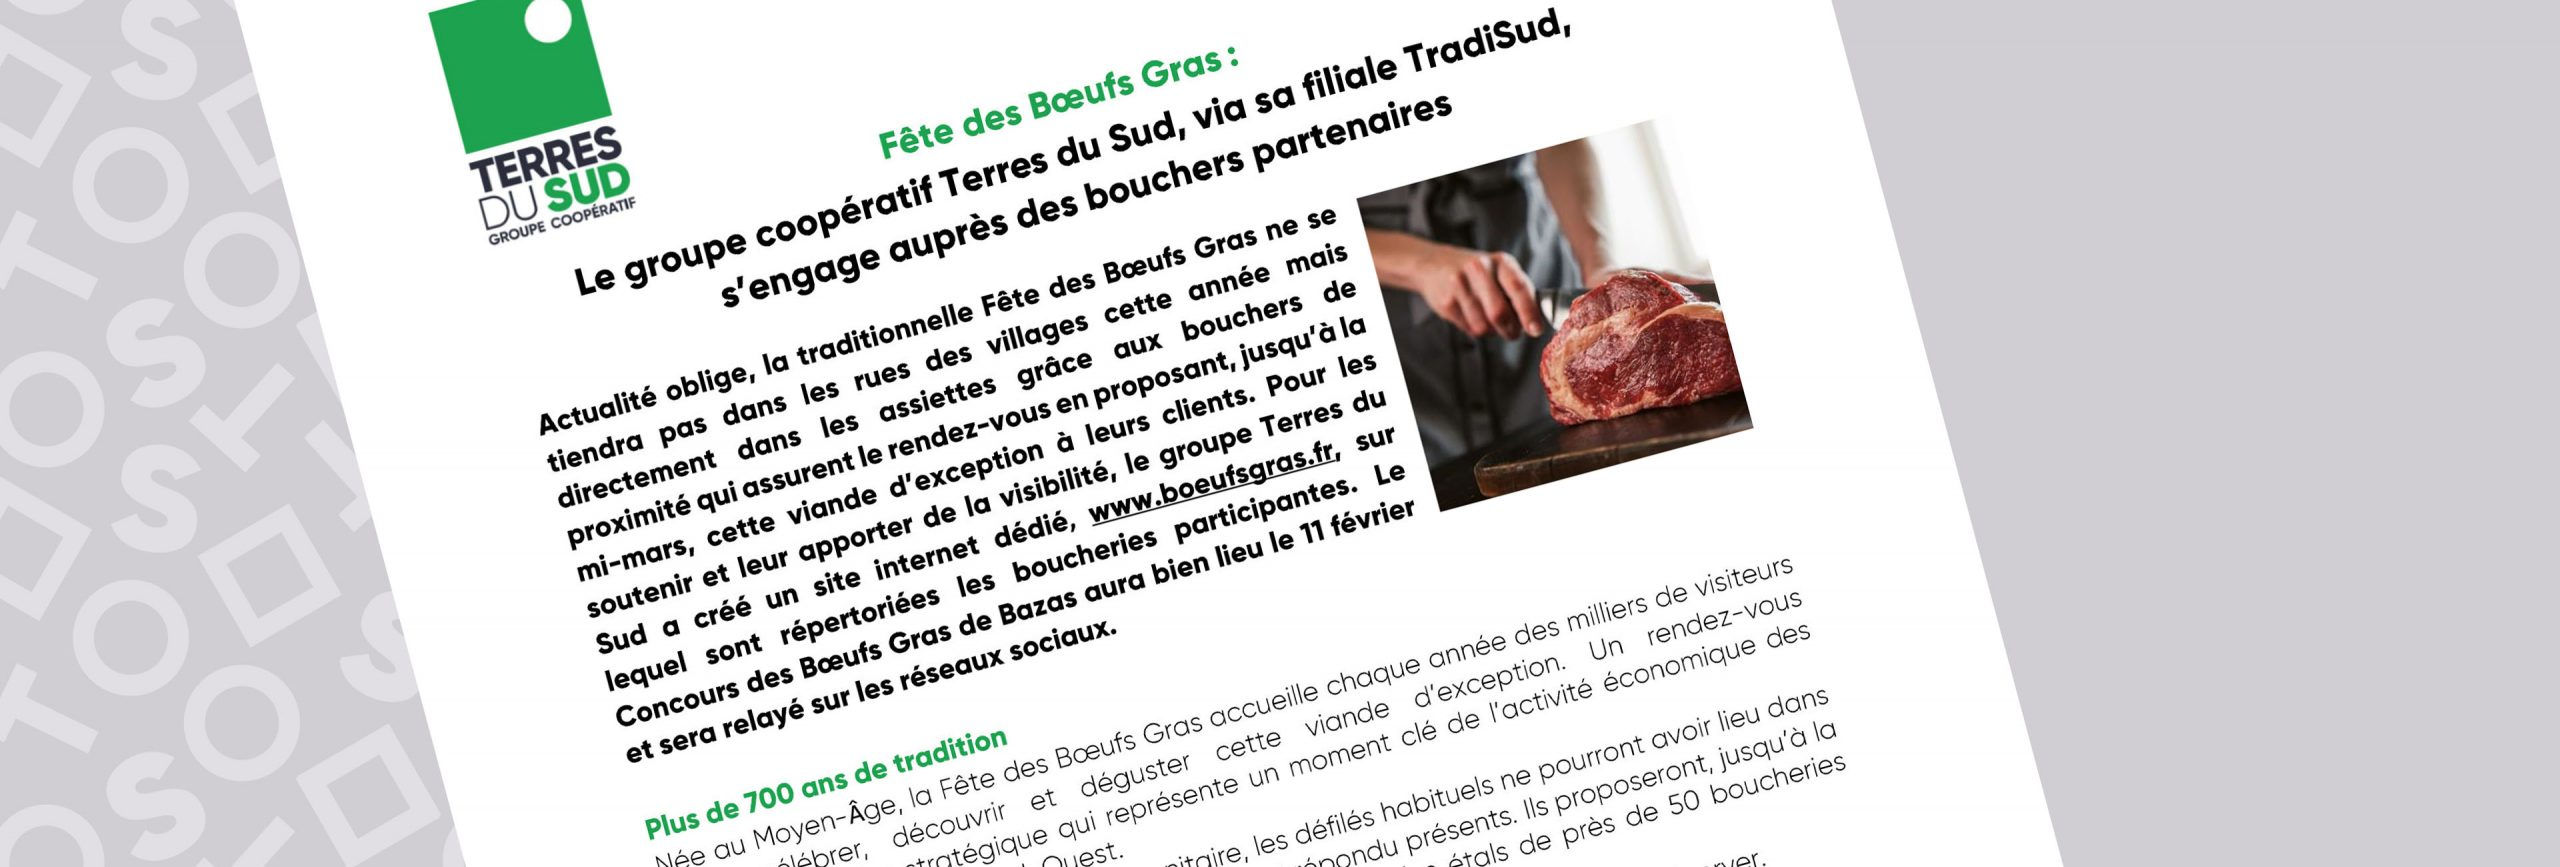 Fête des bœufs gras 2021 avec les boucheries partenaires tradisud, groupe terres du sud